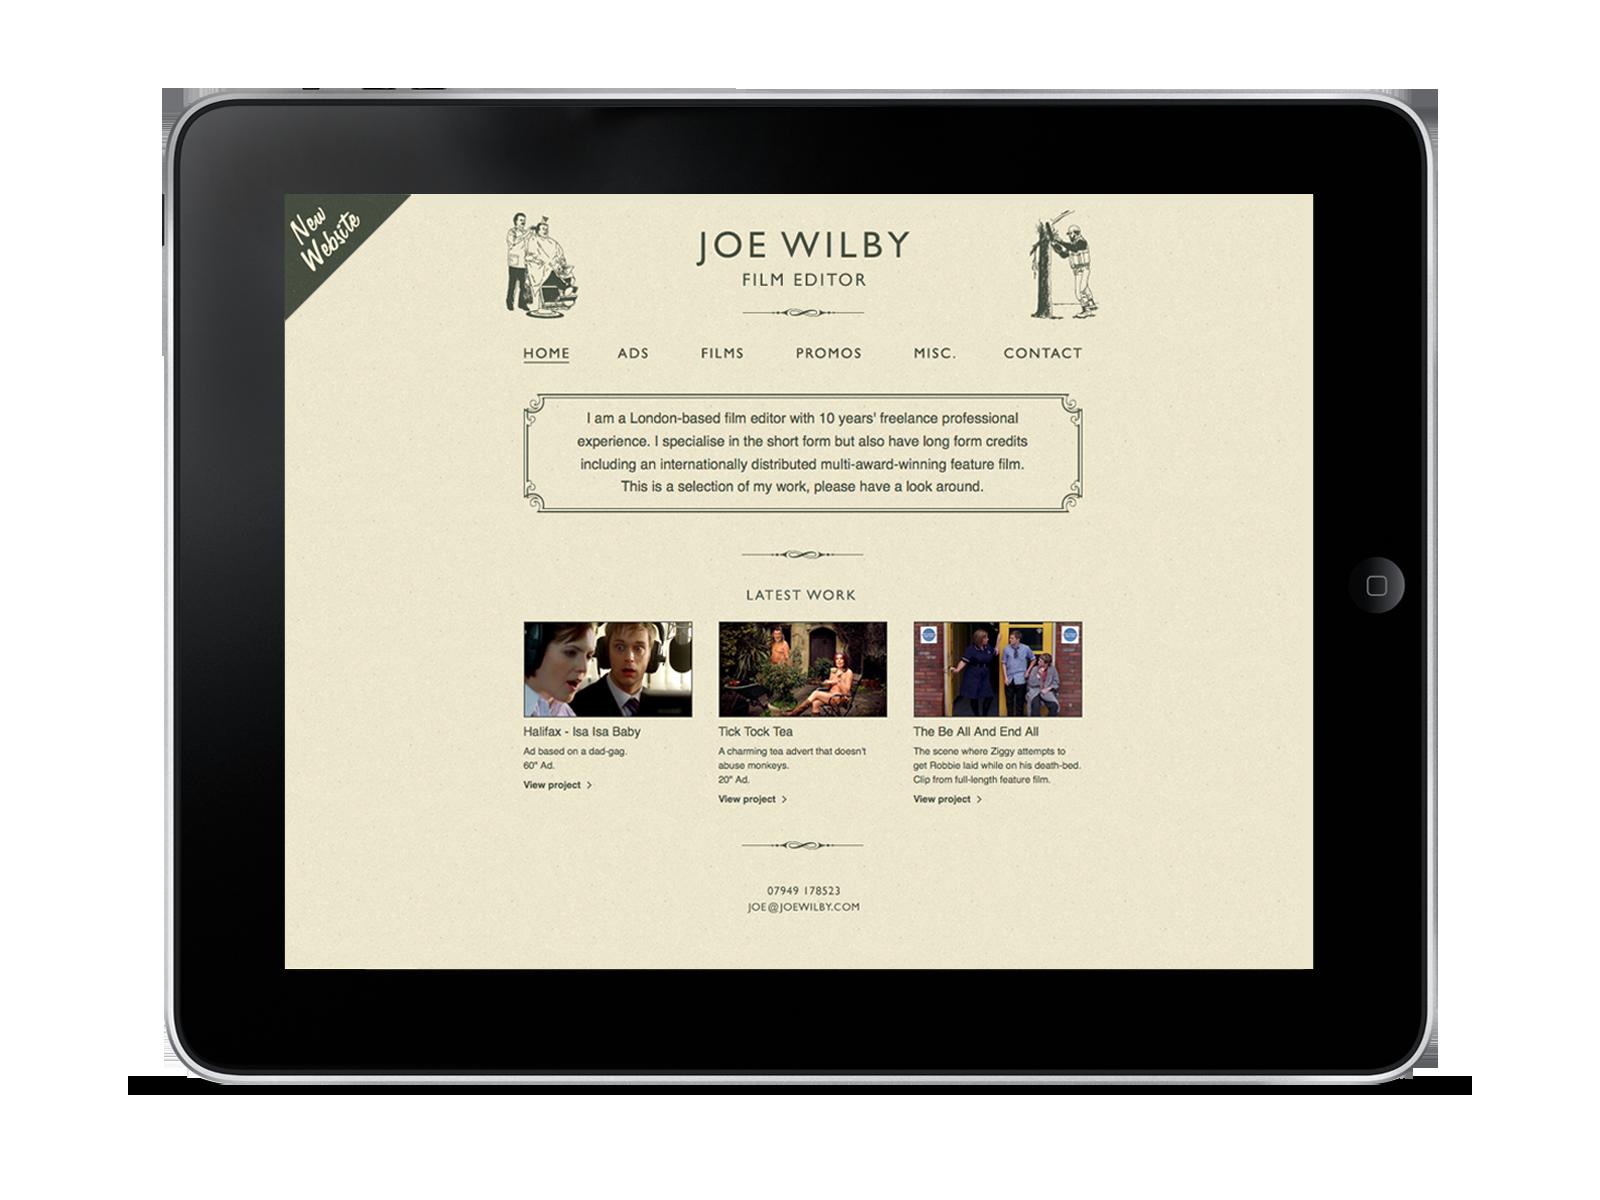 Joe Wilby website design